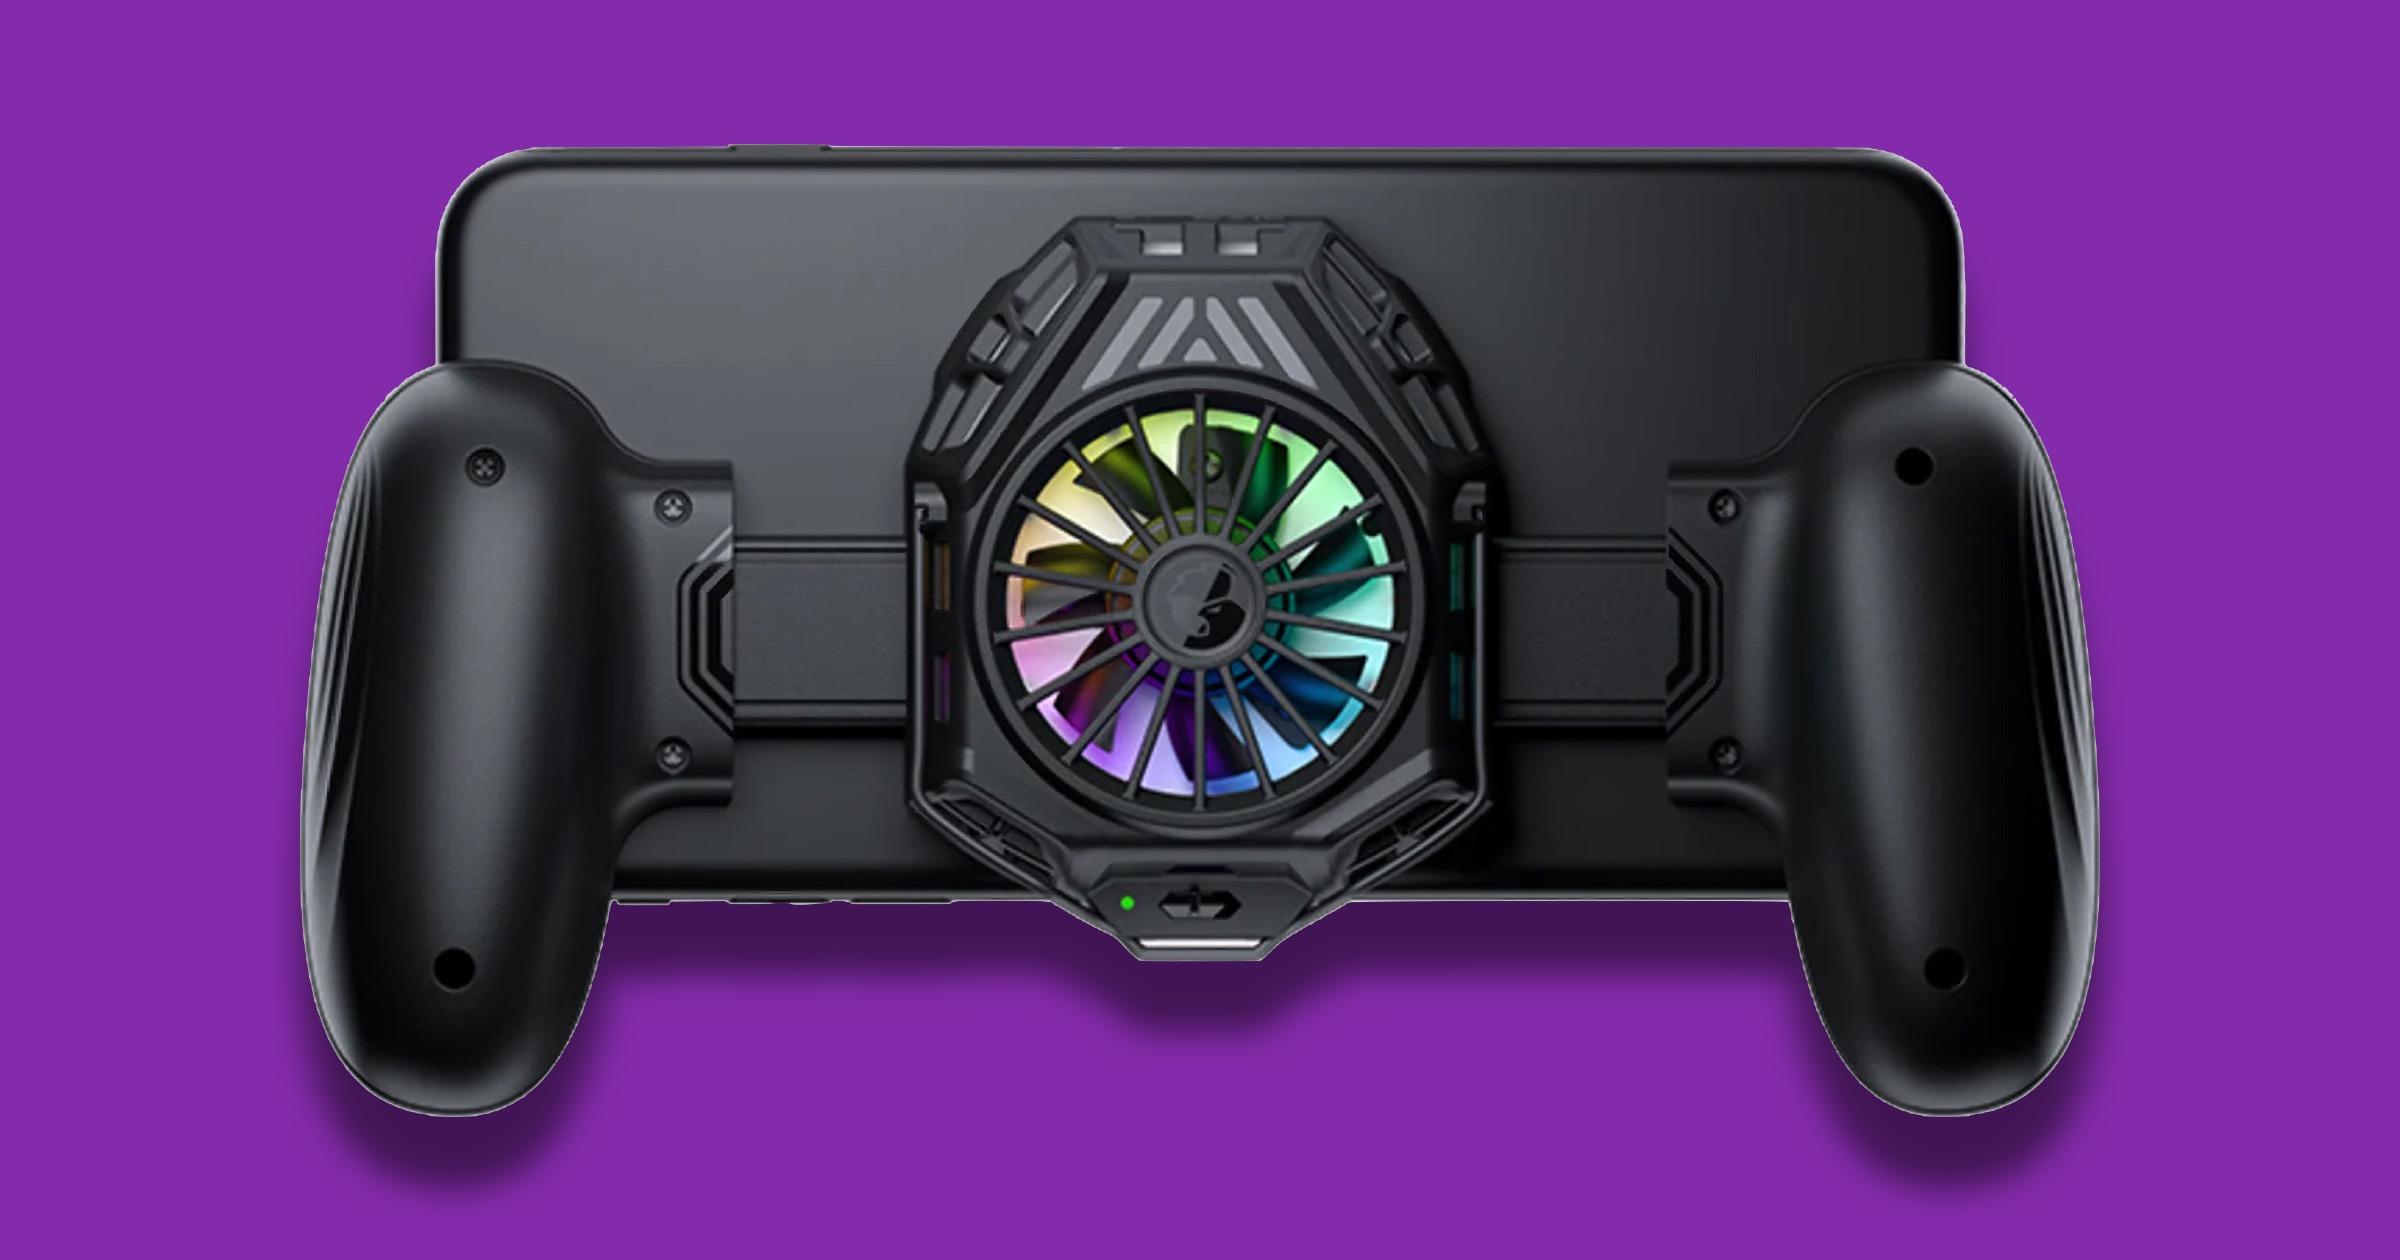 GameSir Crowdfund's F8 Pro Mobile Gaming Cooling Grip